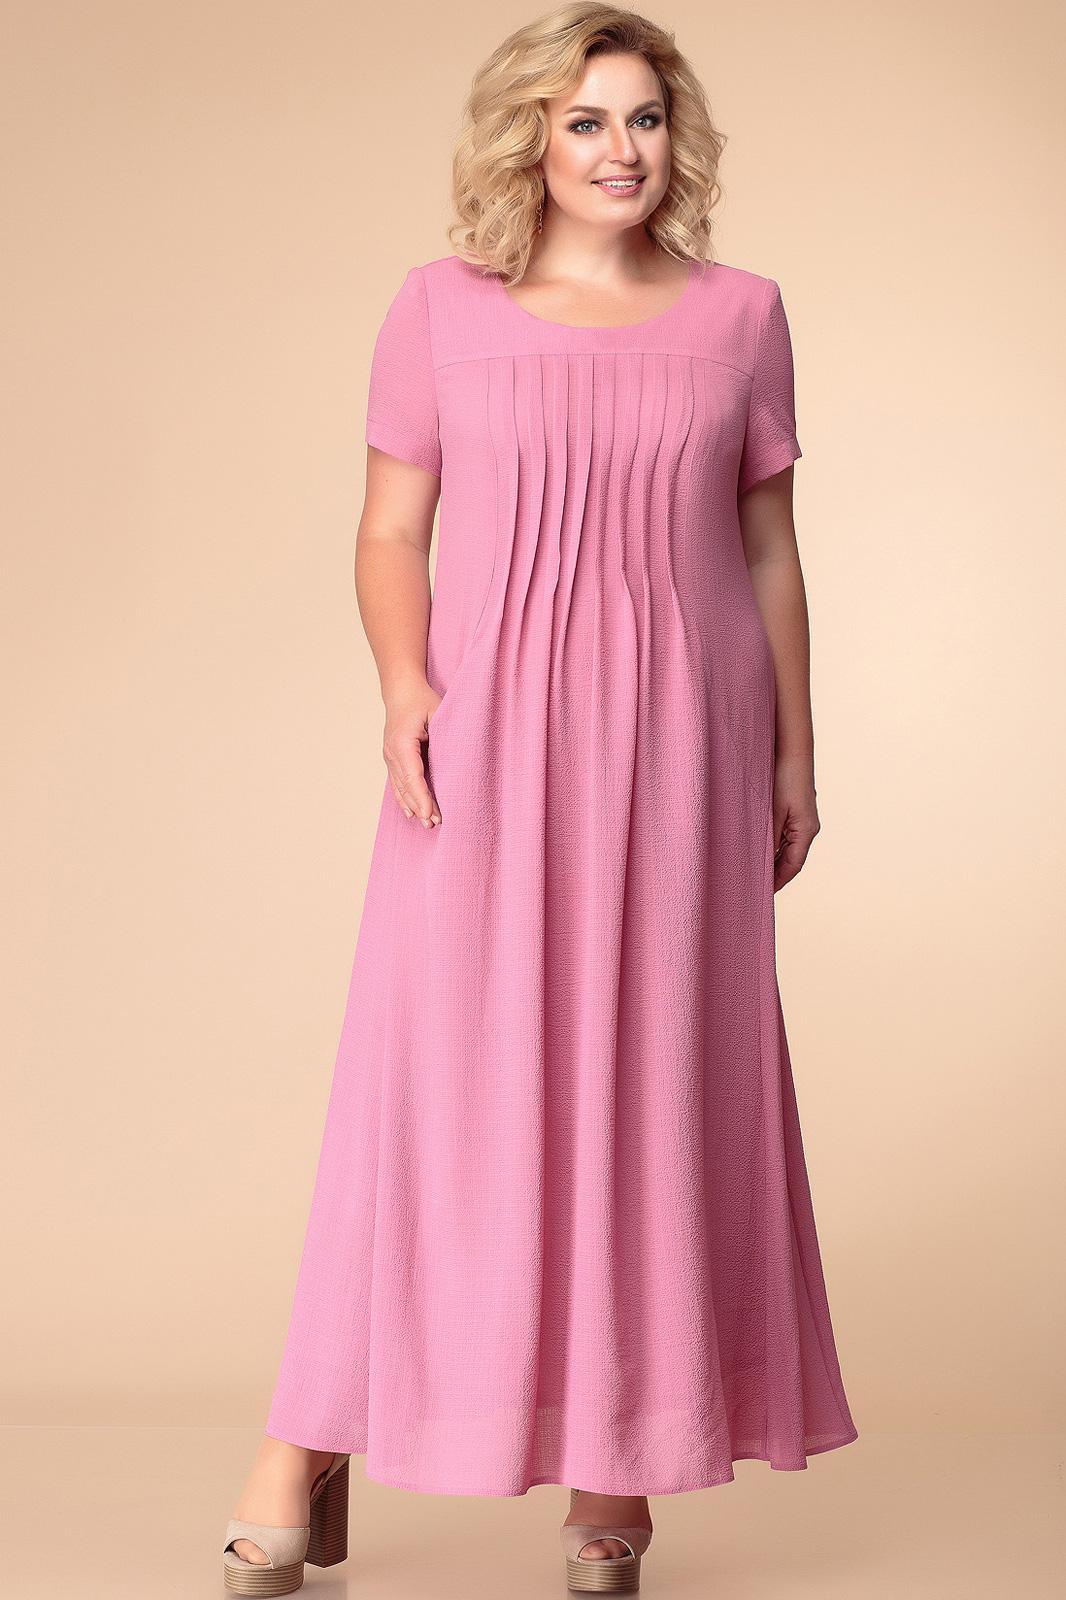 75d63795aaf8031 Купить нарядное платье большого размера. Нарядные платья для полных